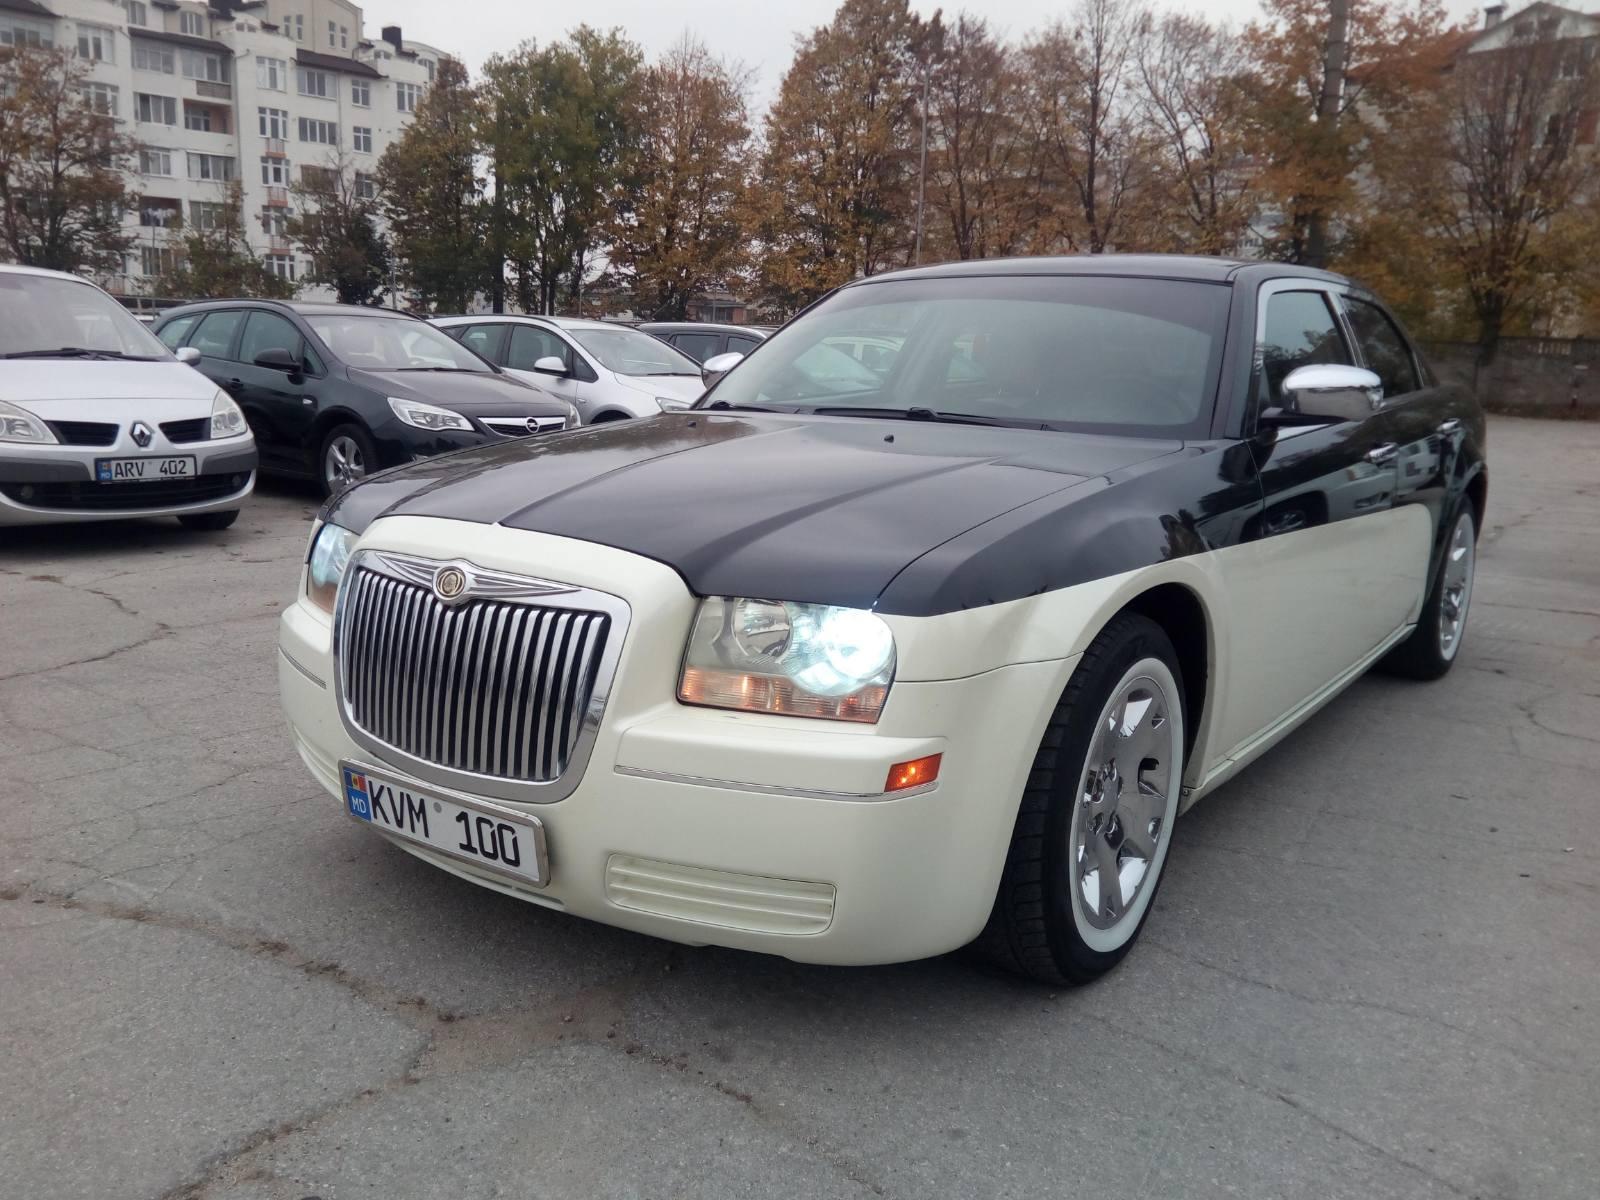 Аренда лимузинов в Кишиневе - Молдова 1